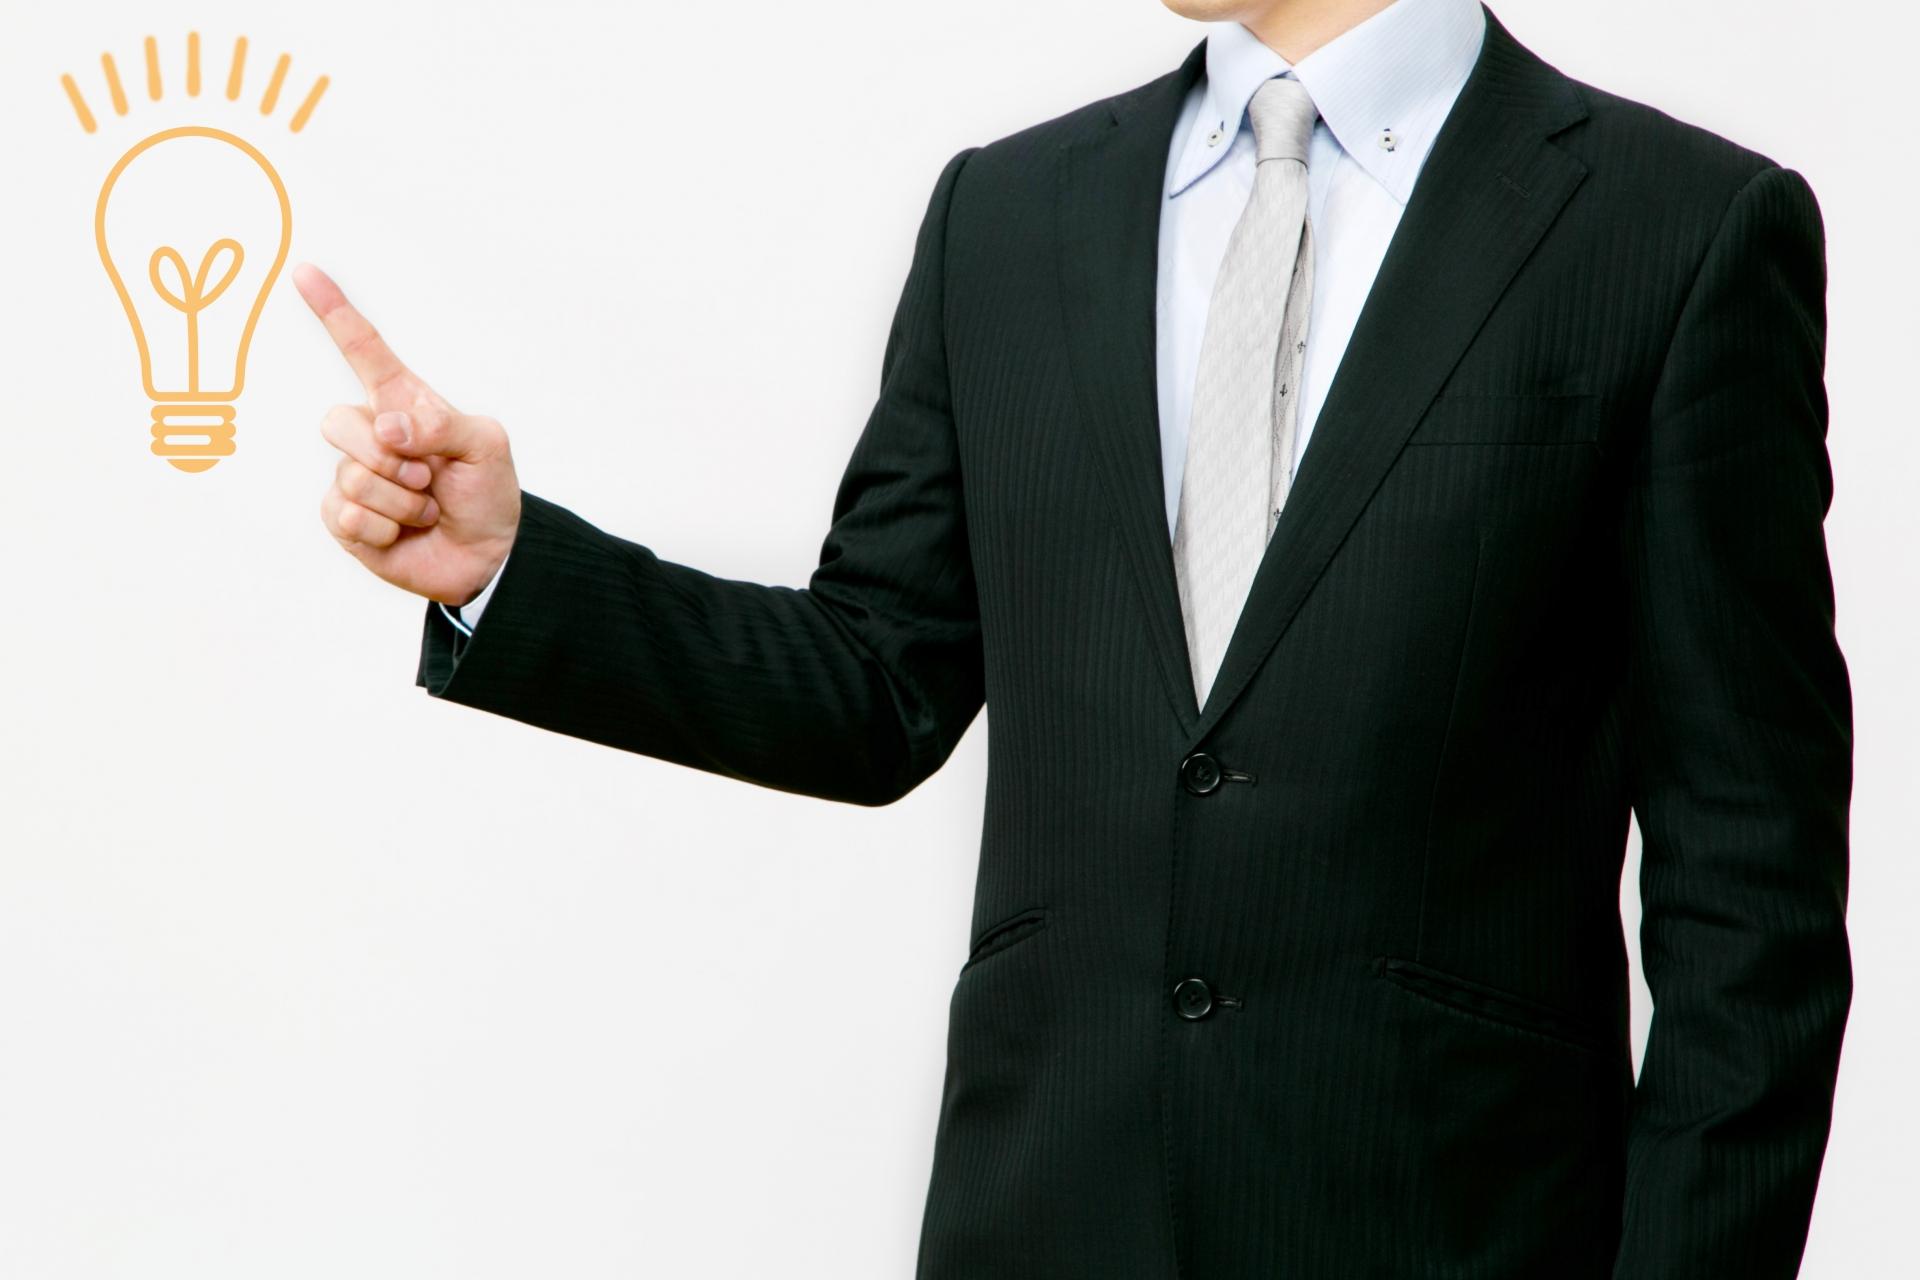 雇用保険と社会保険のメリット。それぞれの基礎知識の違いとは